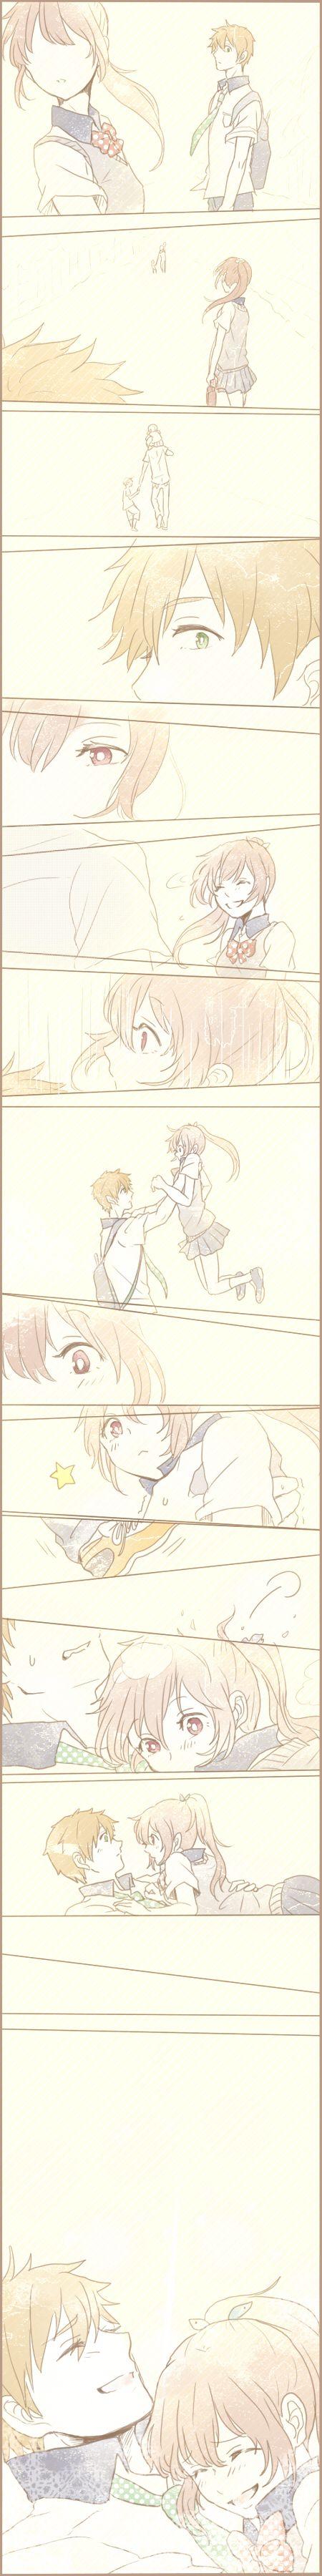 Makoto & Gou Nunca habia visto la imagen completaa!!